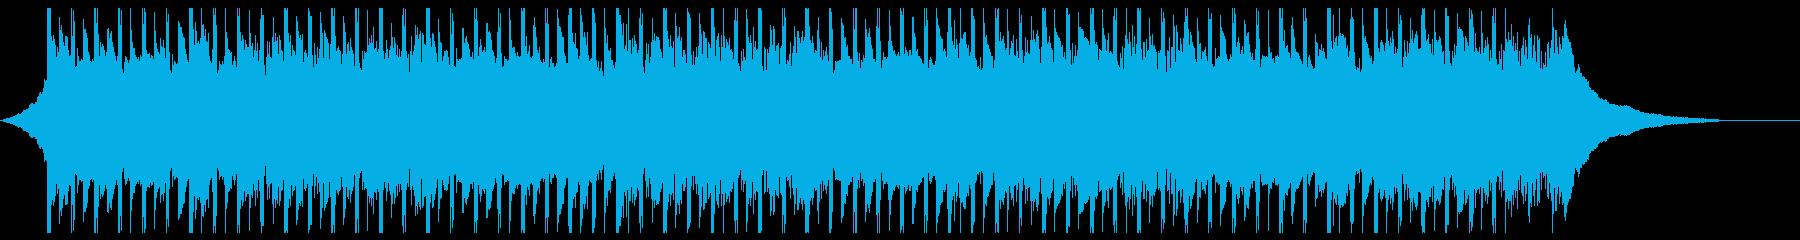 広告音楽(ショート1)の再生済みの波形